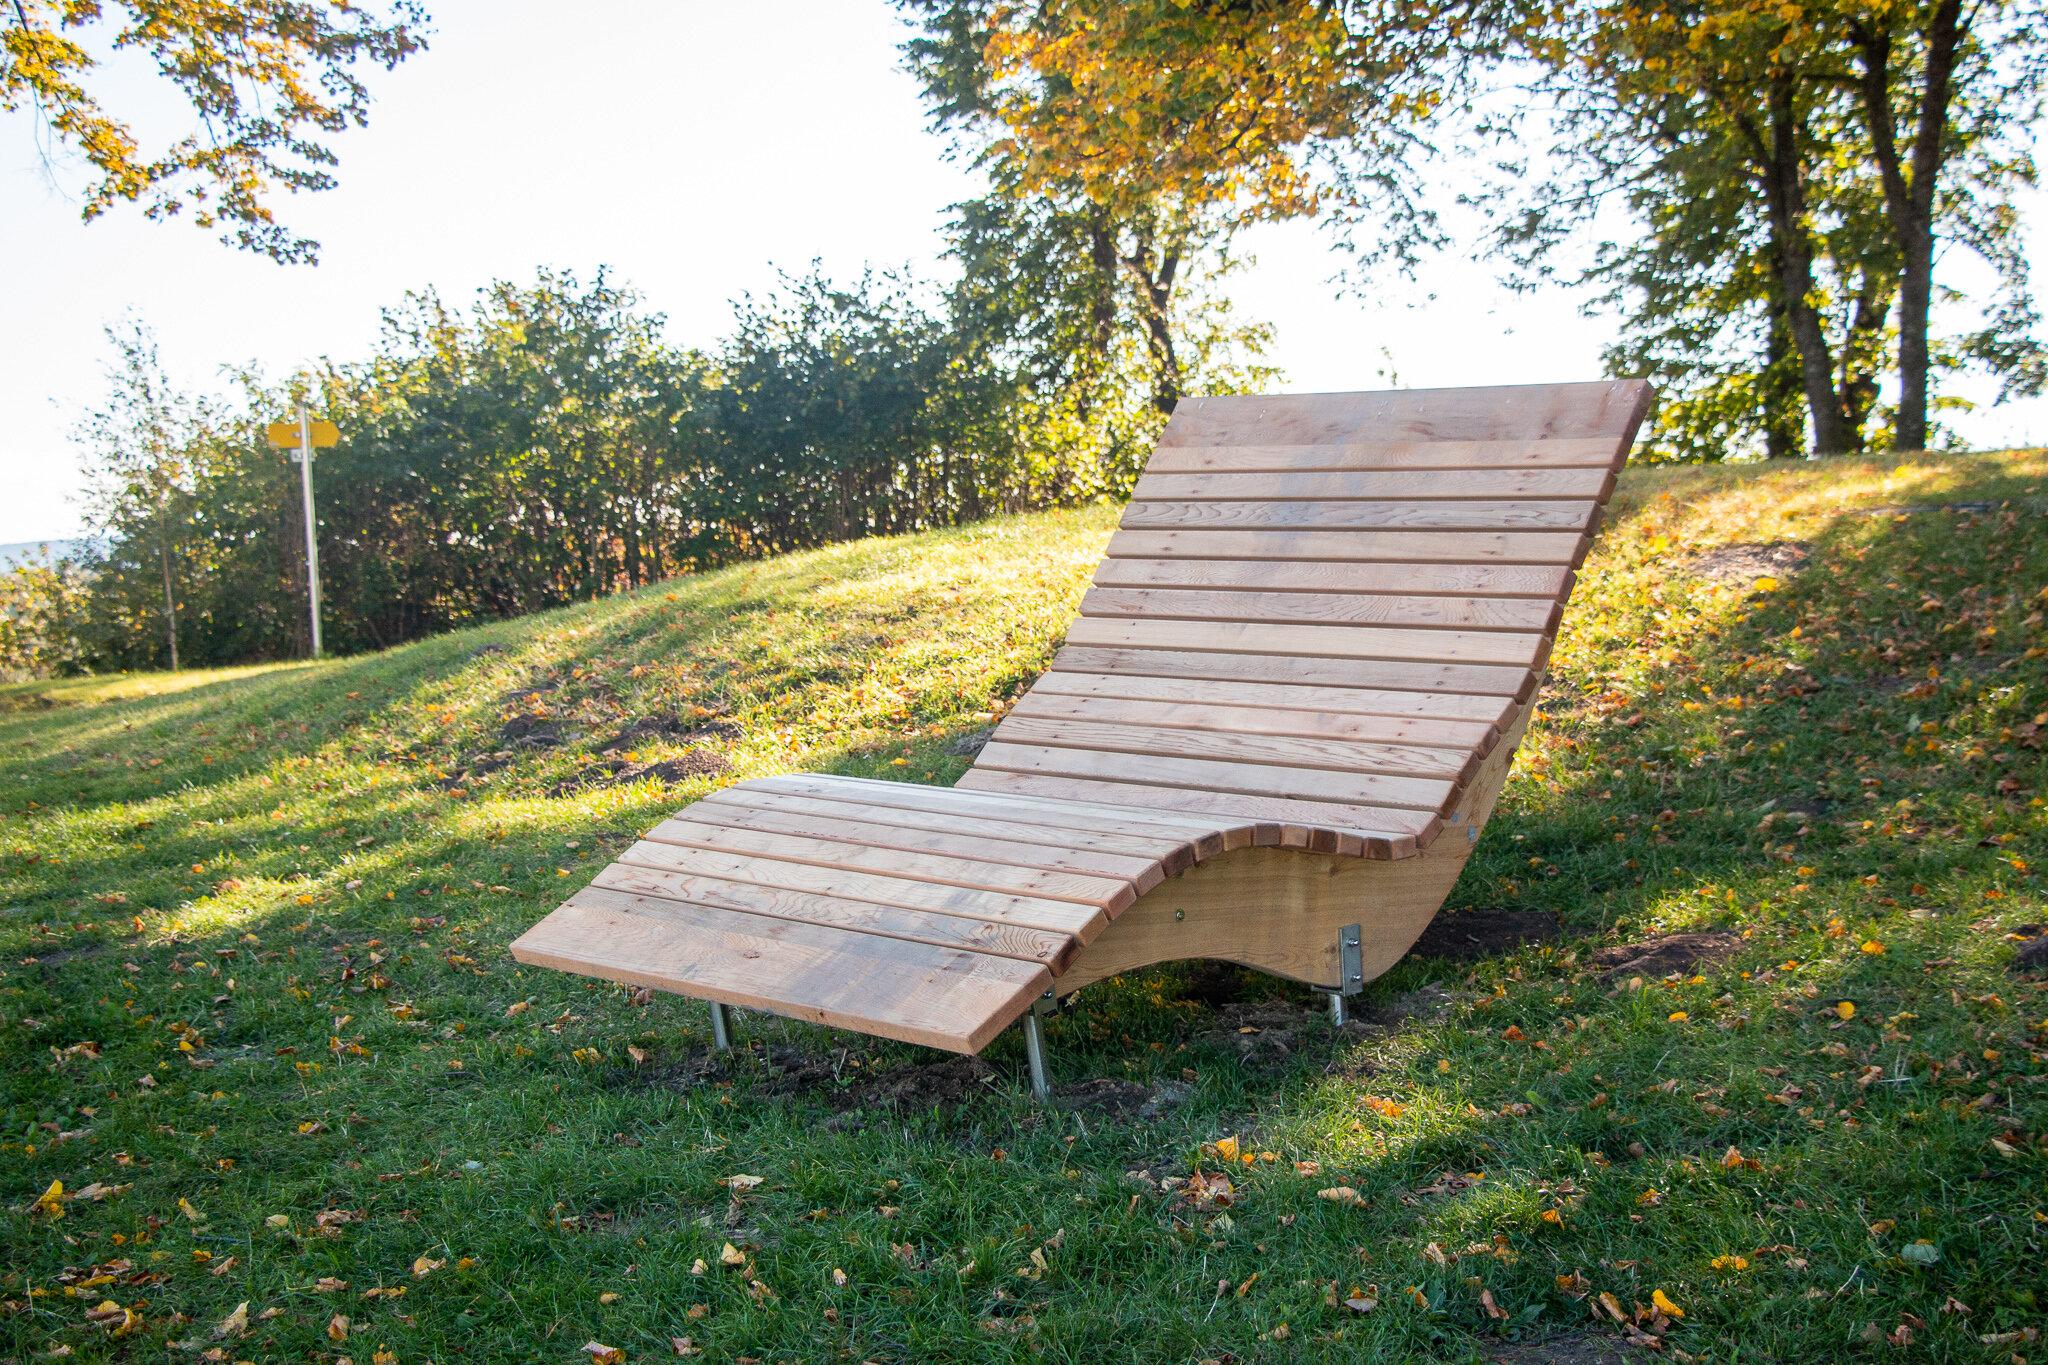 EINZELSTÜCKE - Wir entwickeln und bauen Individualmöbel und Einzelstücke nach Ihren Vorstellungen und Anforderungen.